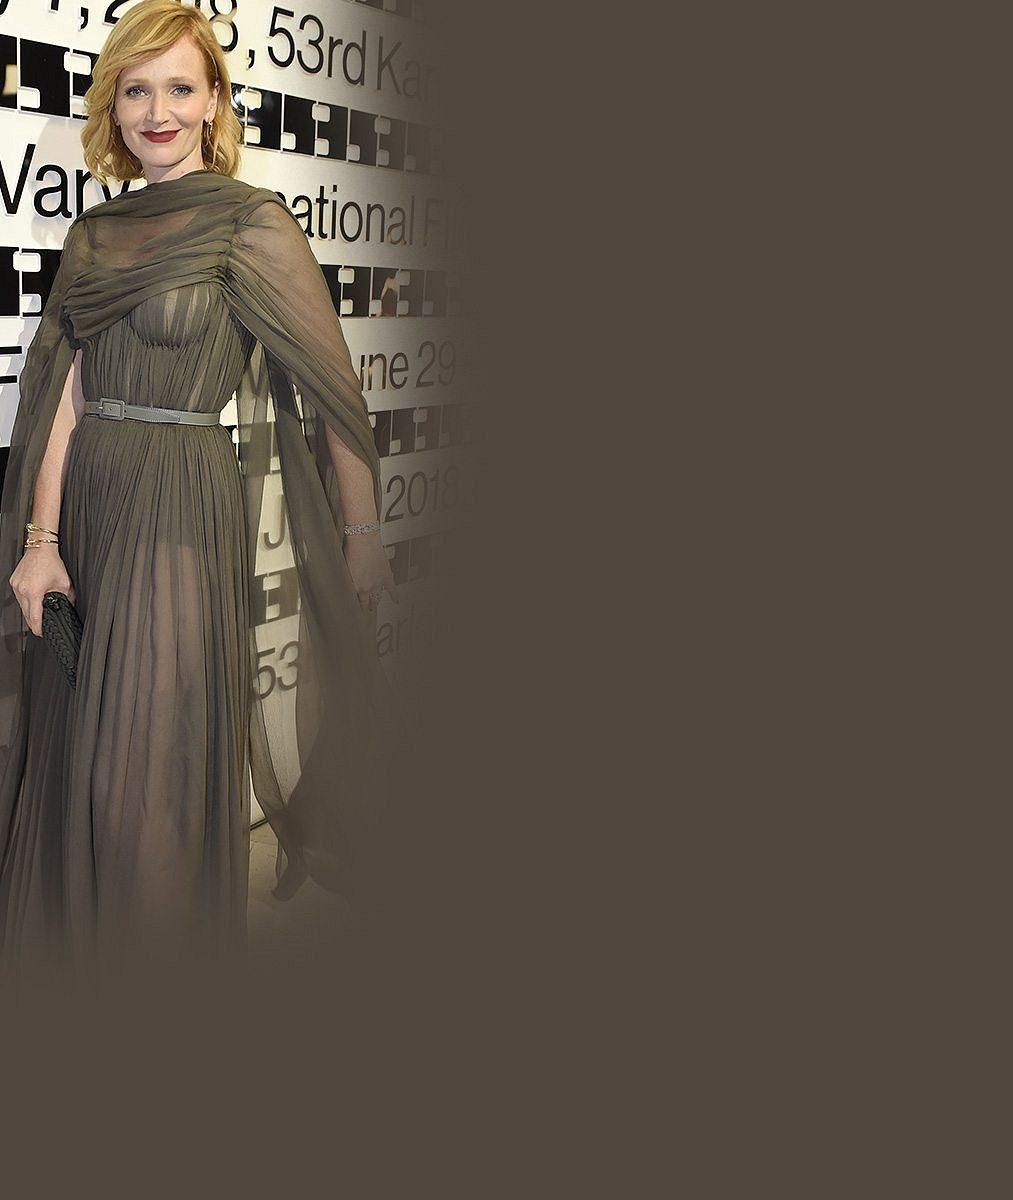 Aňa Geislerová poprvé jako Božena Němcová: Nafasovala jsem to náročnější období jejího života